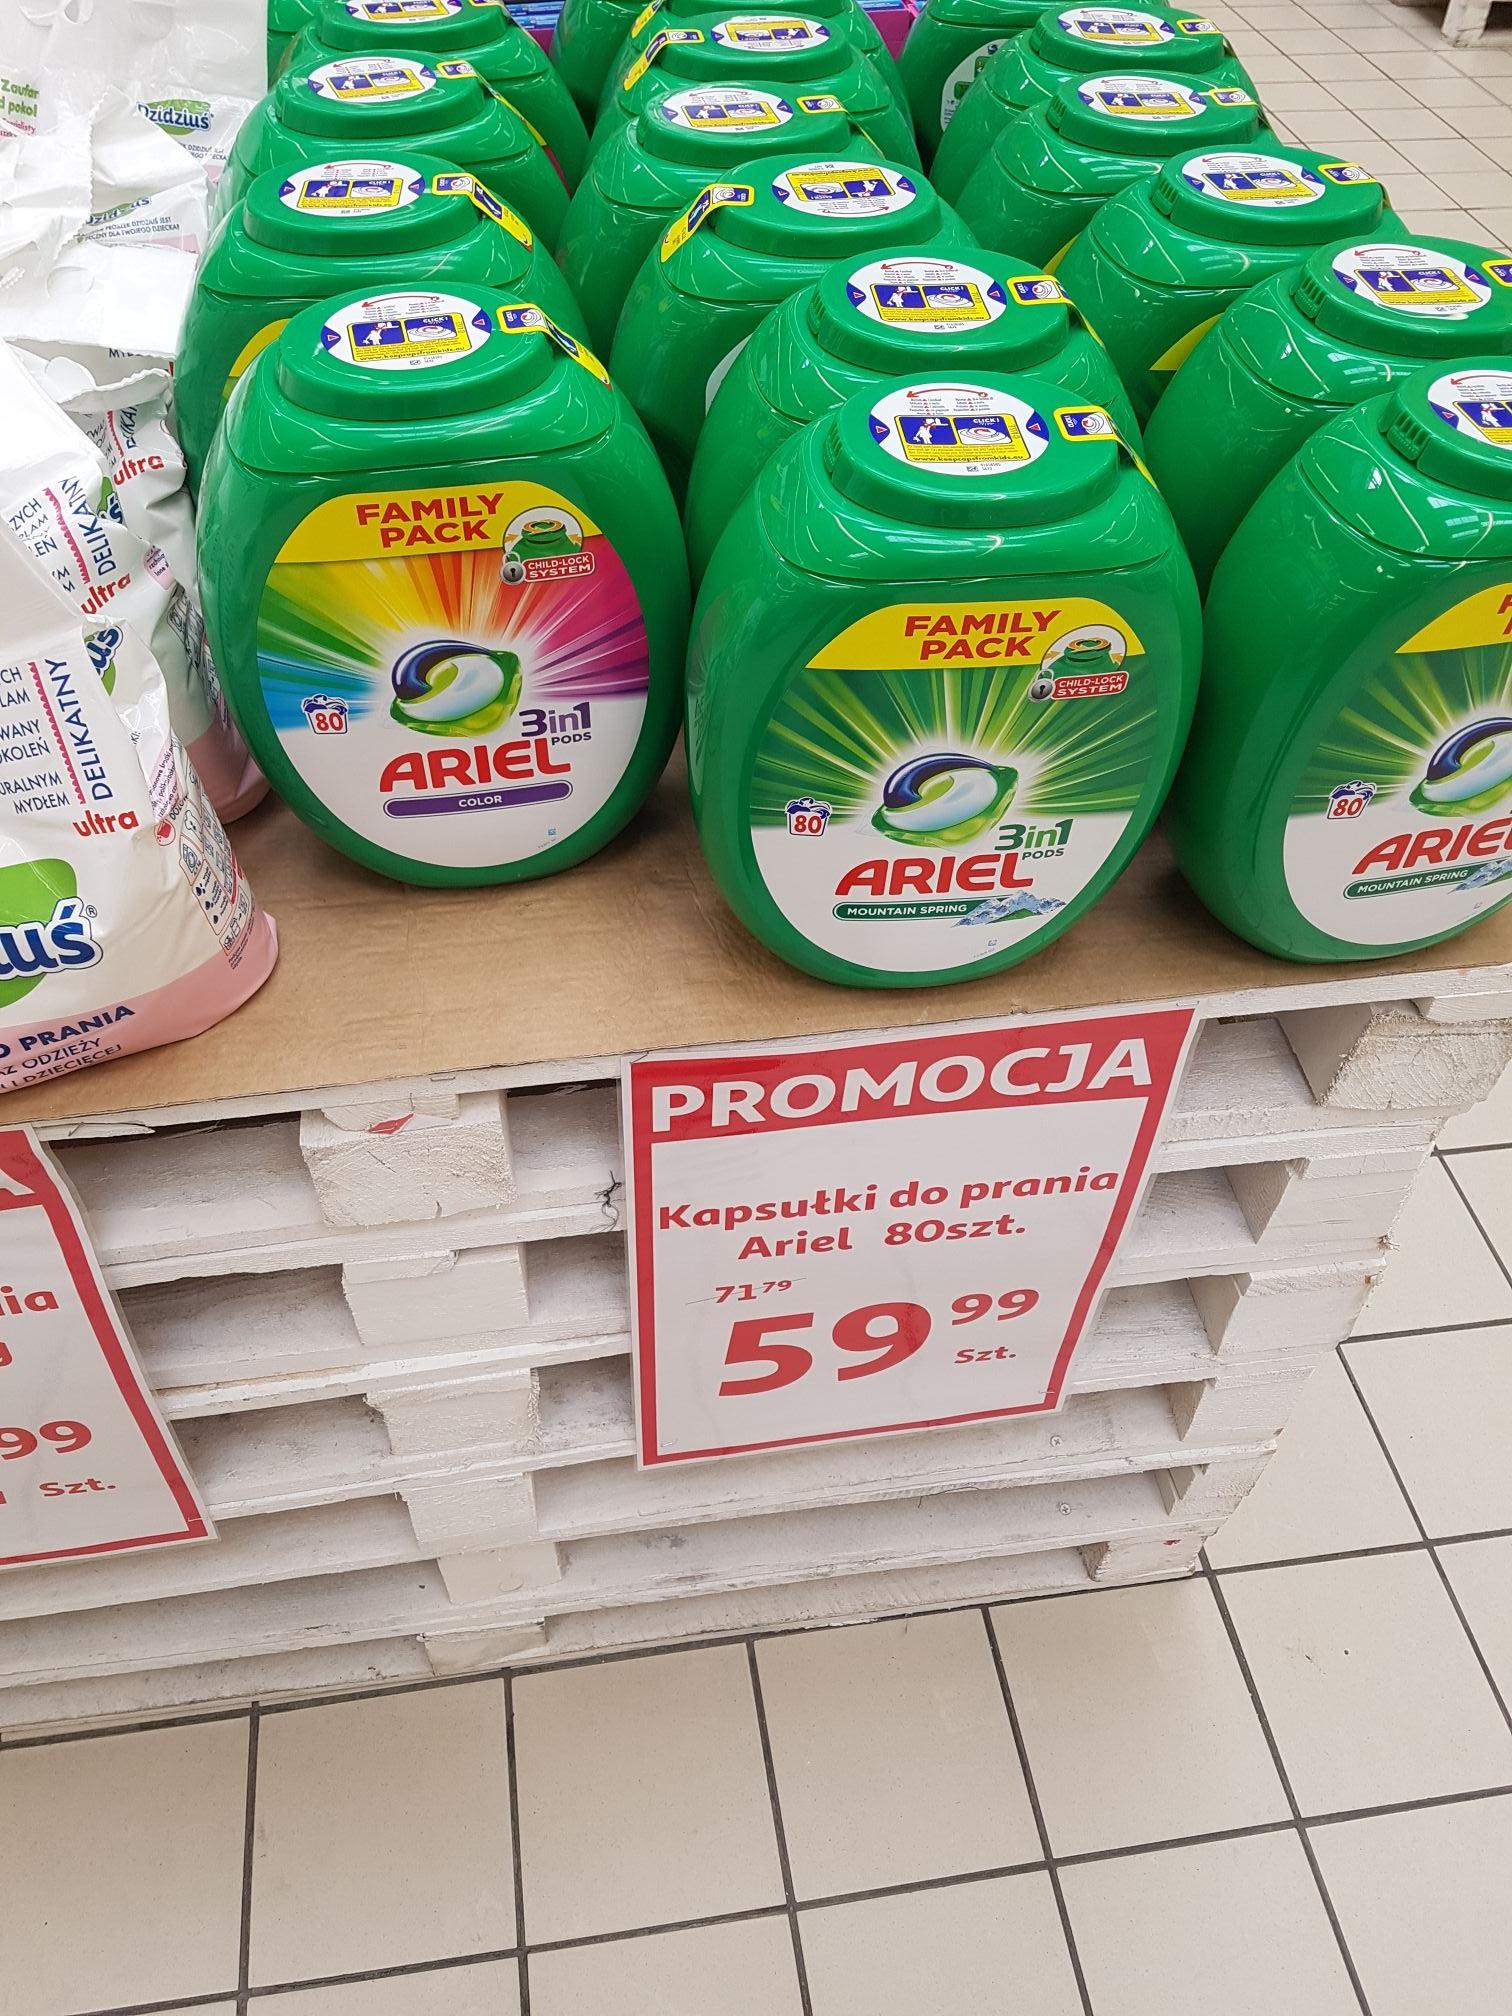 Kapsułki do prania 80 sztuk. Ariel 3in1 w Auchan